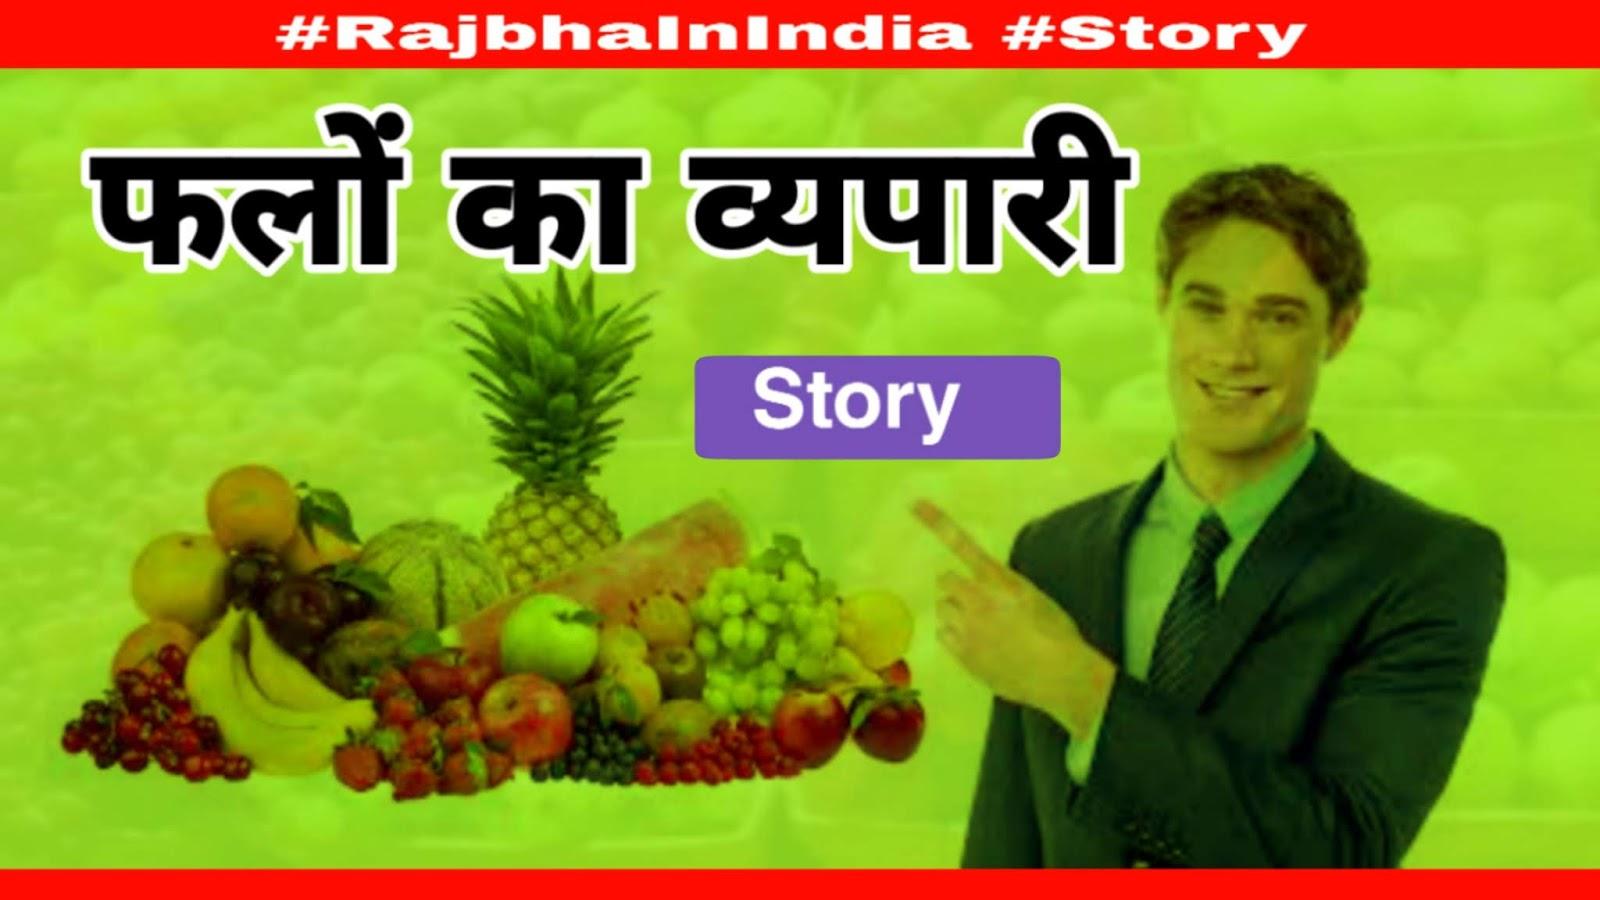 %2523RajbharInIndiaStory Fruit merchant  Story || फलों का व्यपारी || प्रेरणादायक कहानी